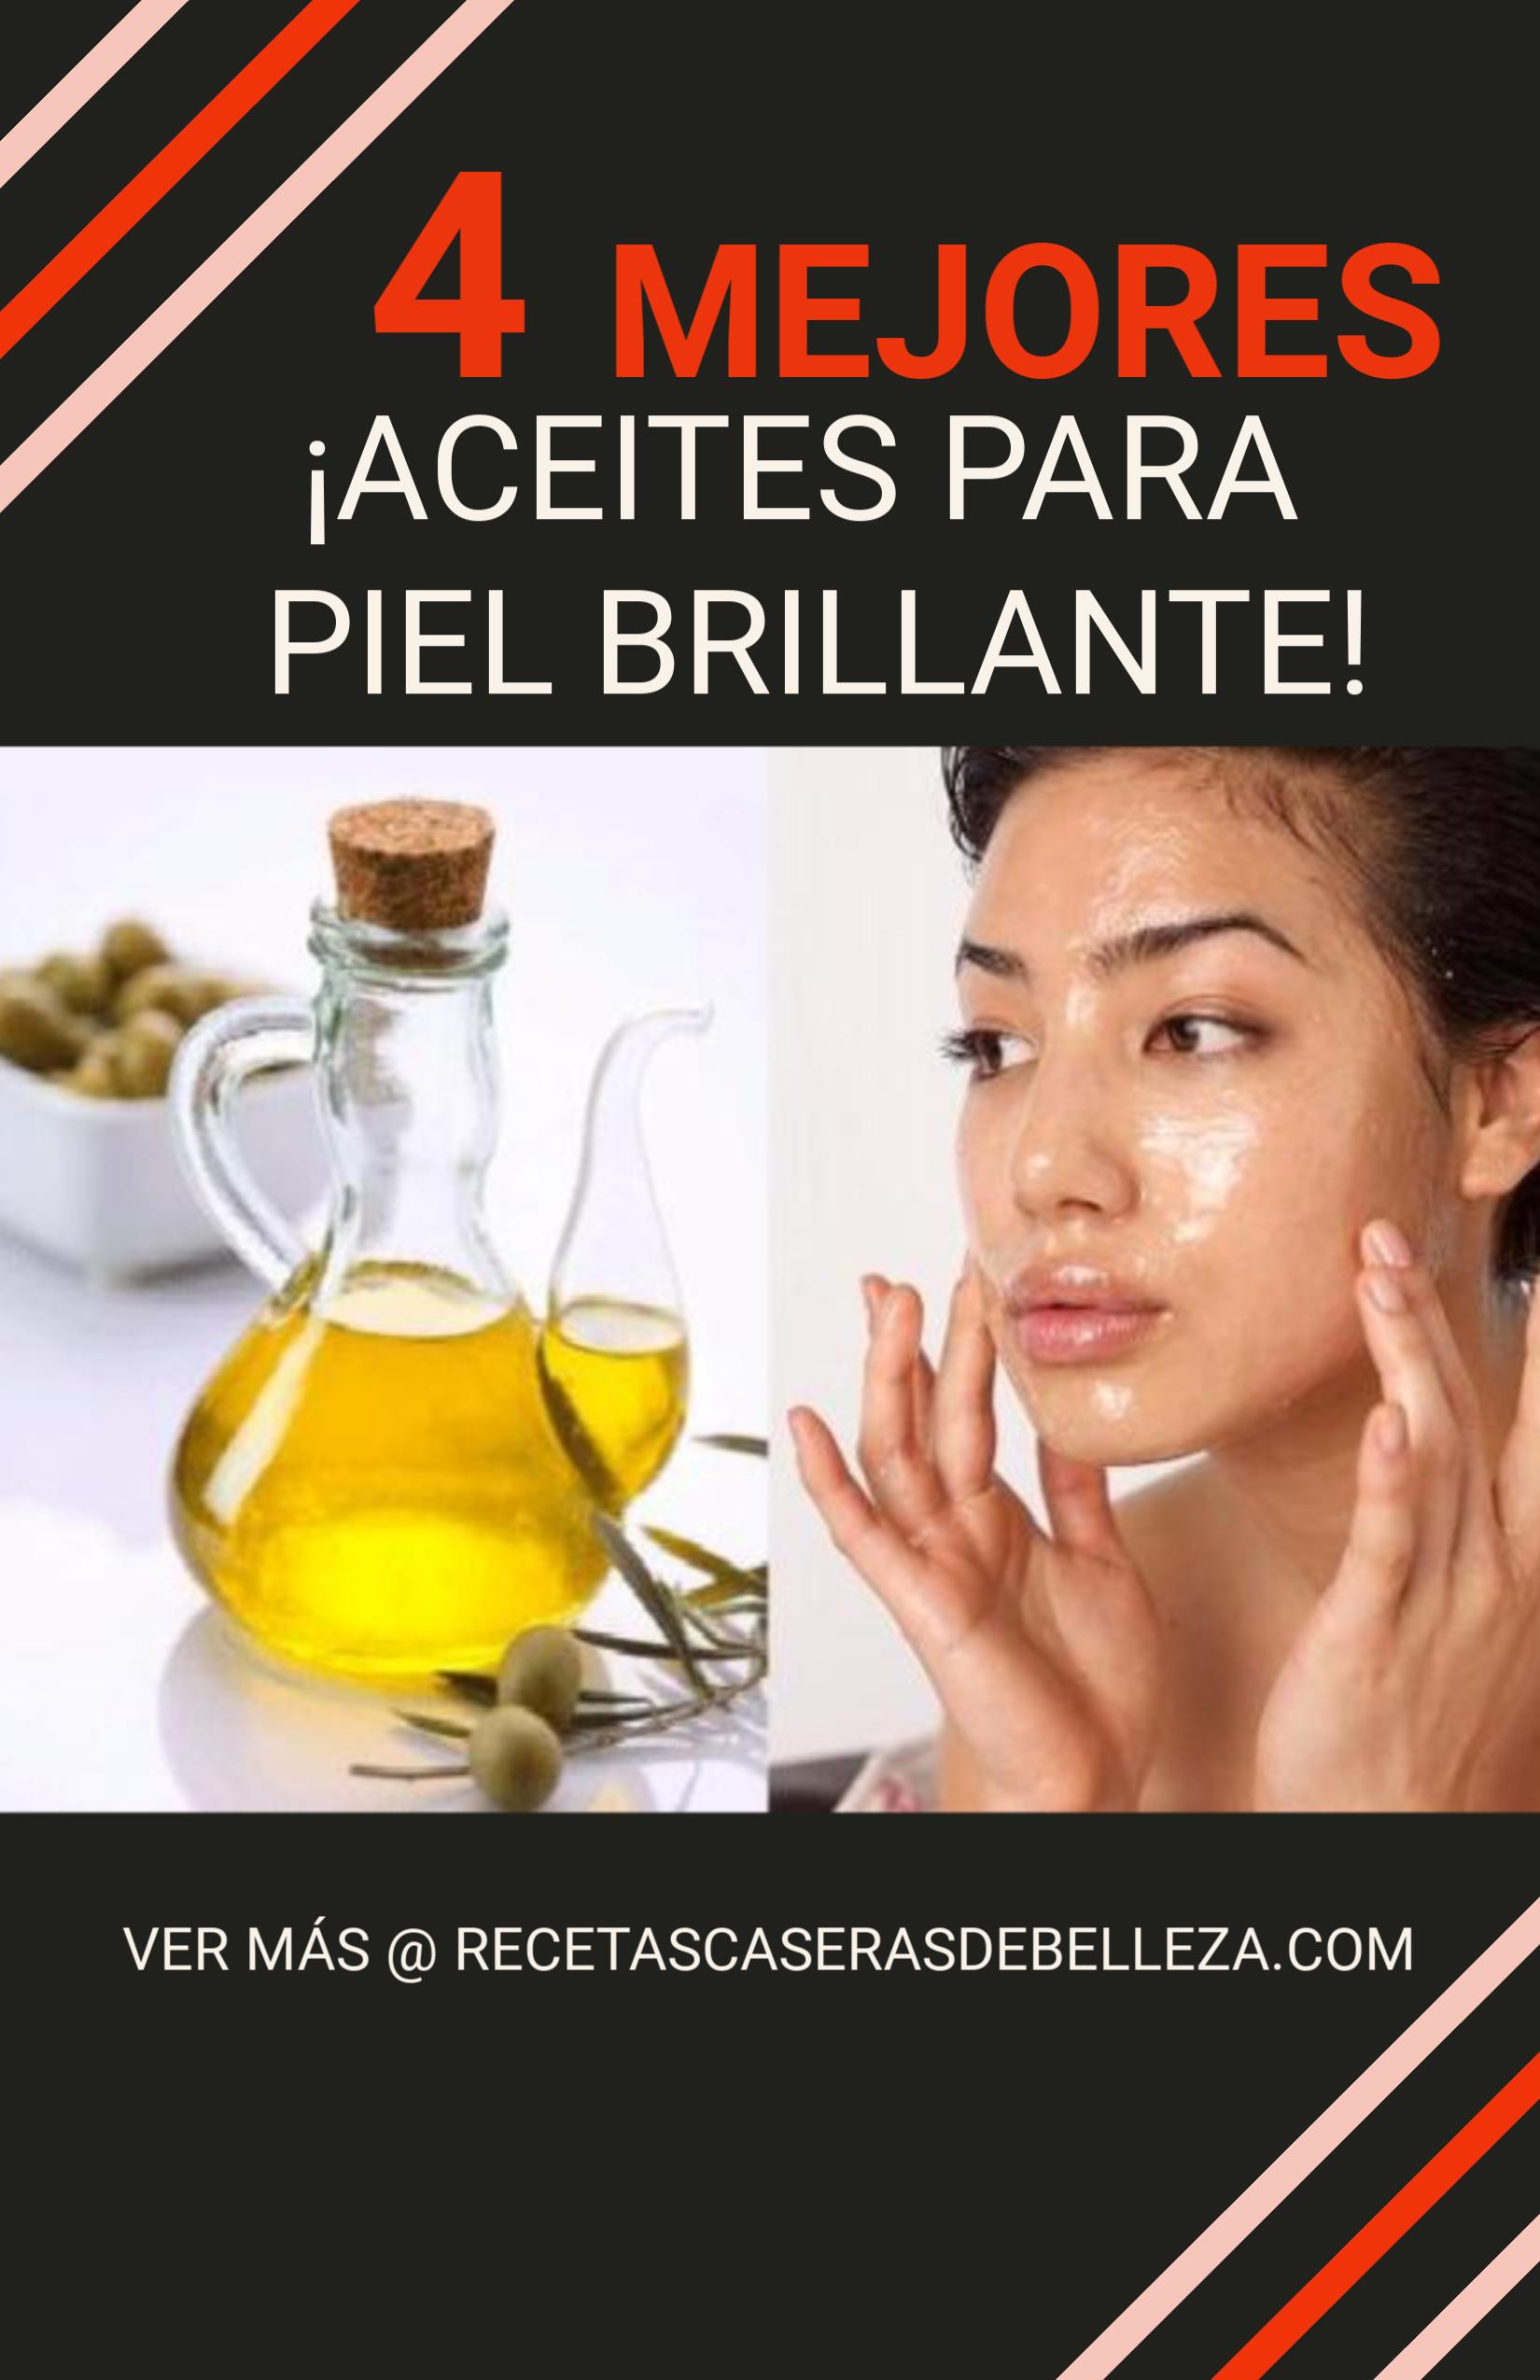 Hoy hablaremos de los MEJORES aceites naturalesabsolutos para la piel radiante y, una vez que empieces a usarlos, ¡no podrás parar en serio!